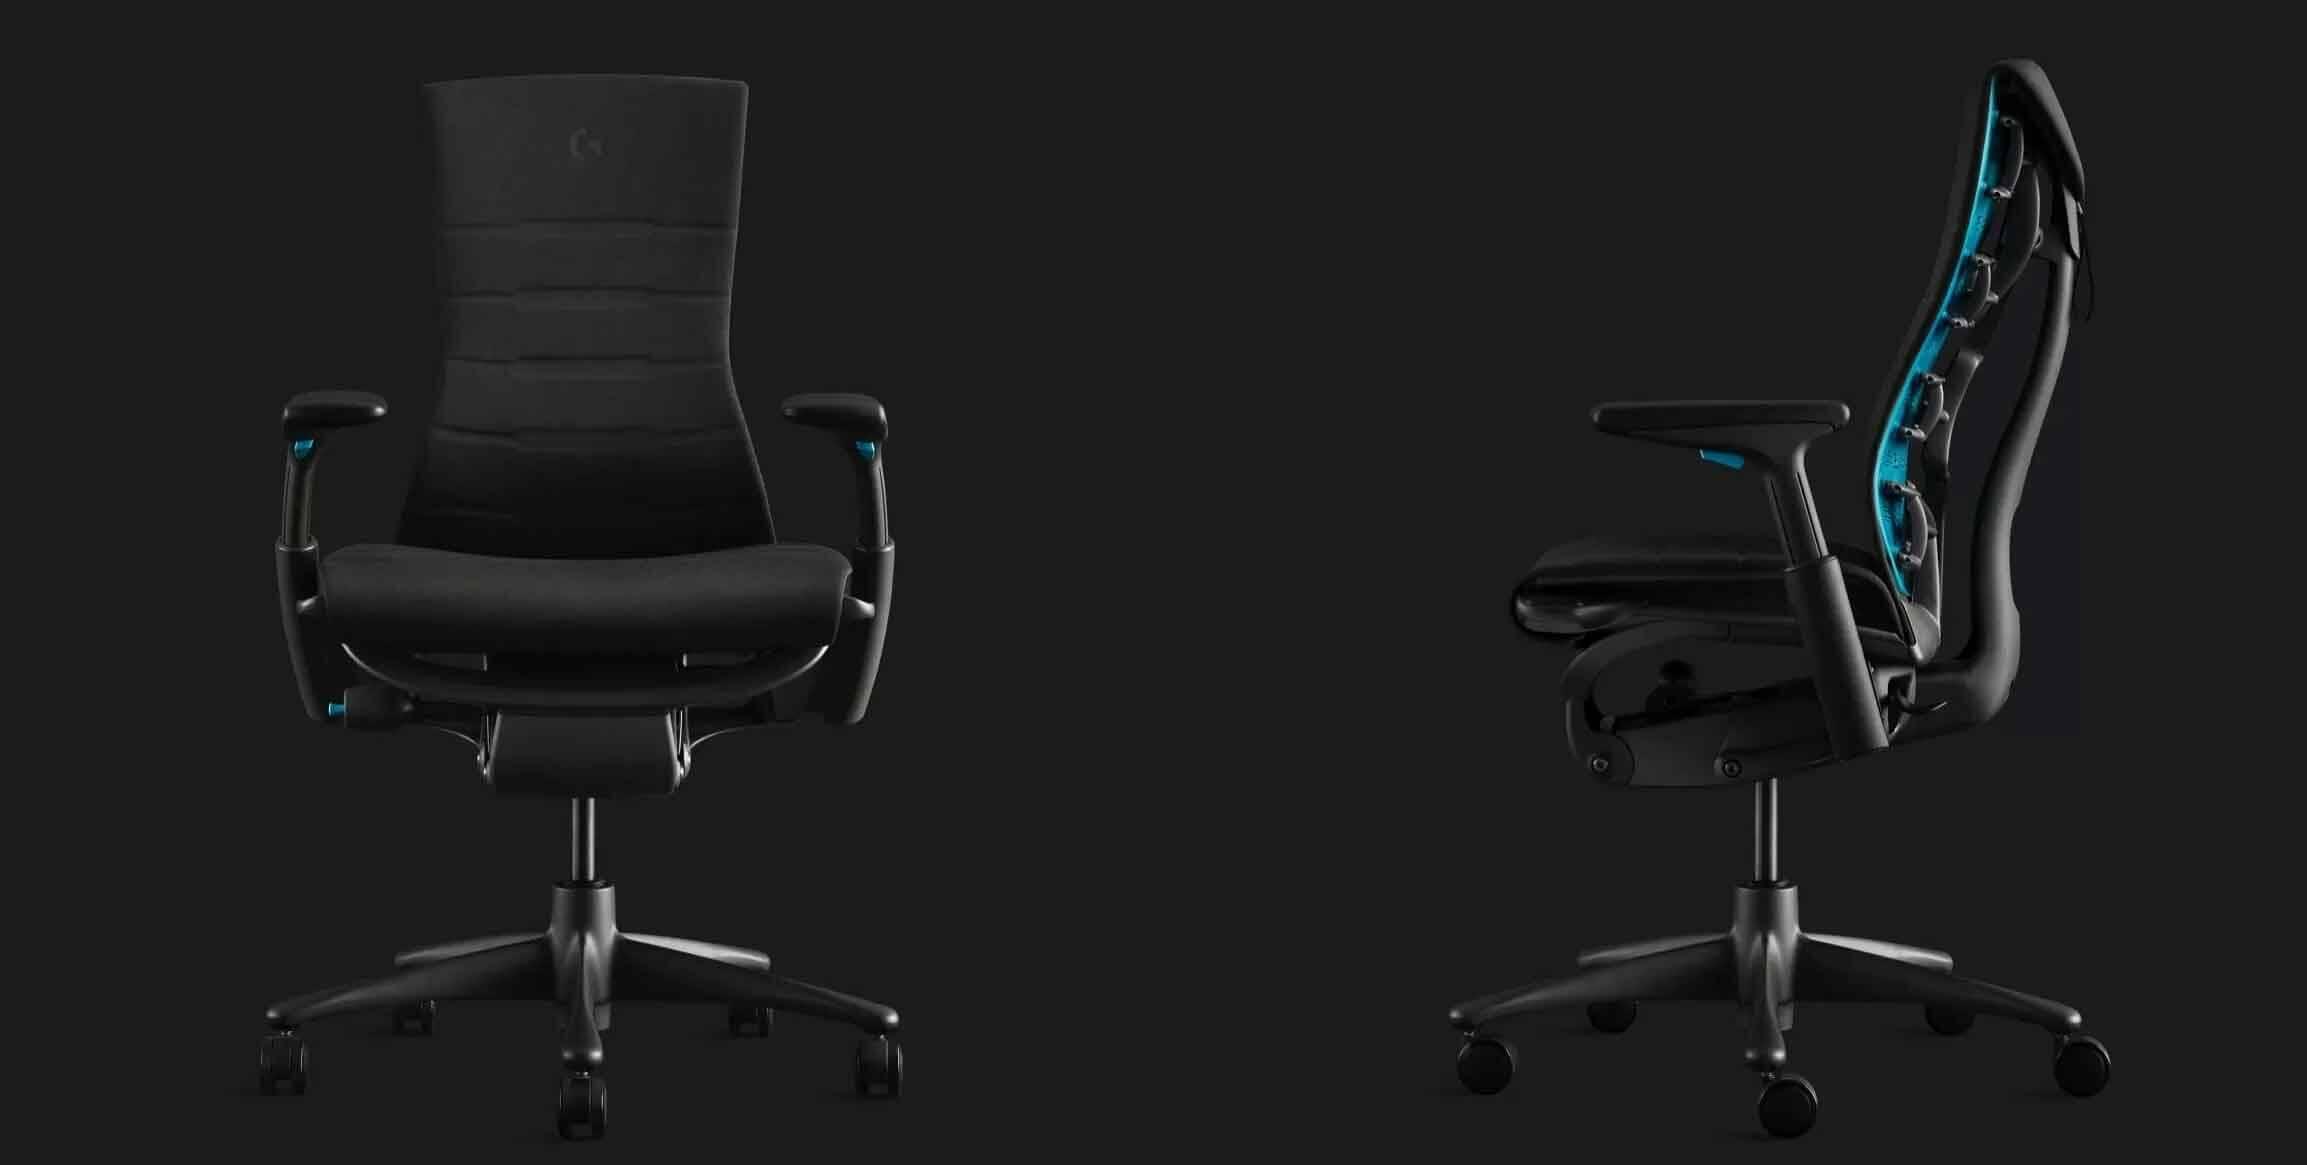 Herman Miller e Logitech, lançam cadeira ergonômica para ficar horas jogando sem sentir dor